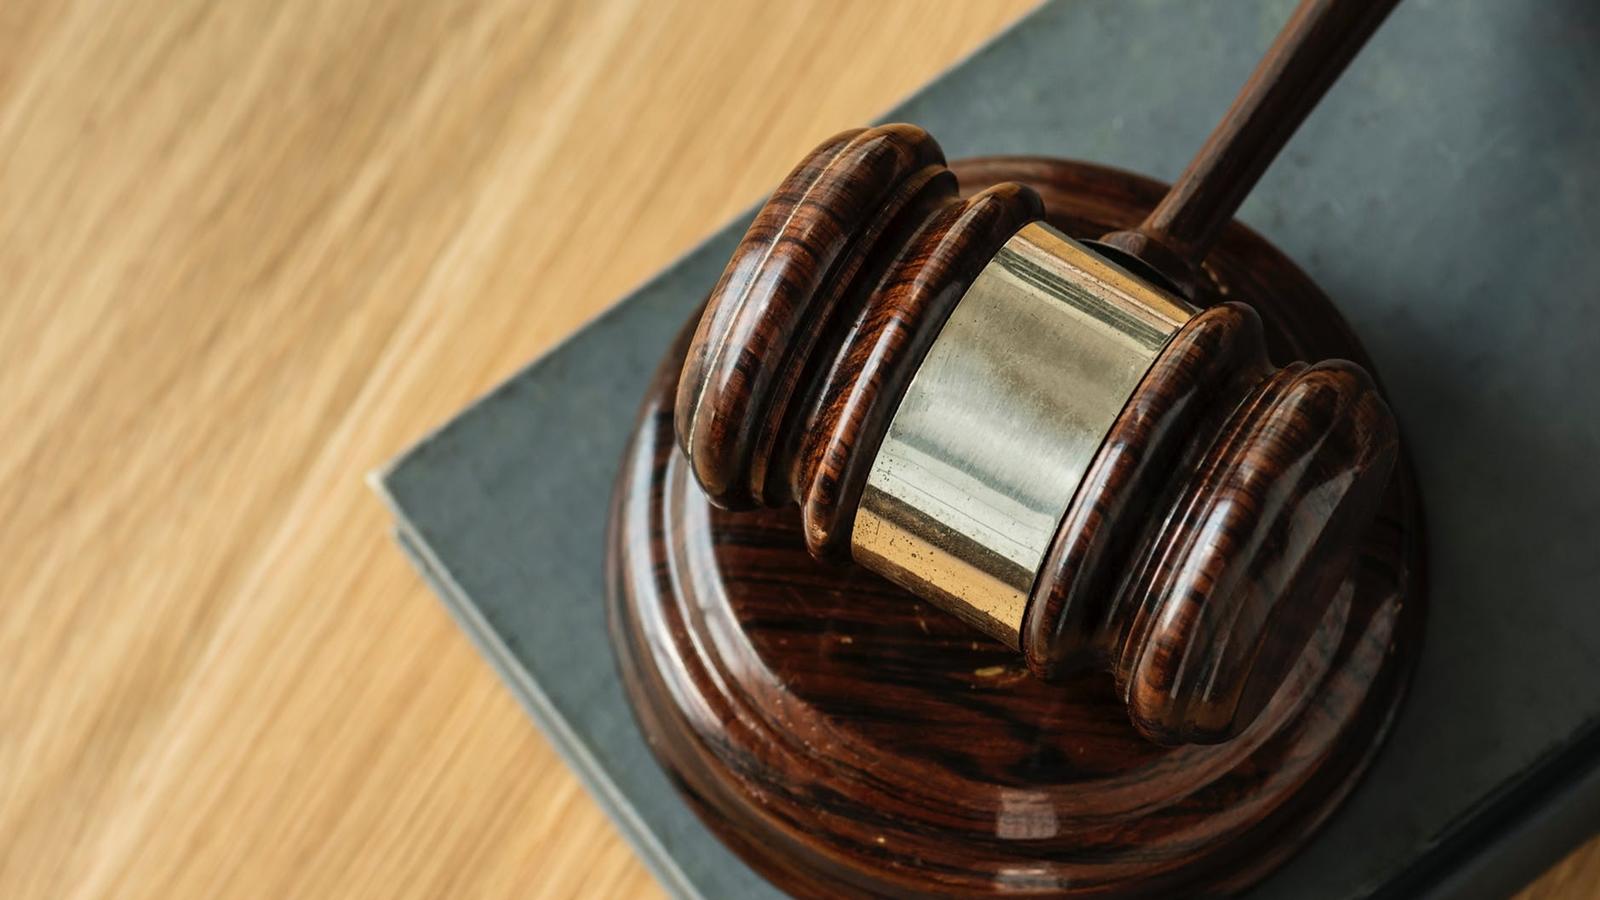 Fabricación de culpables detona 4,550 denuncias contra jueces y agentes en Edomex